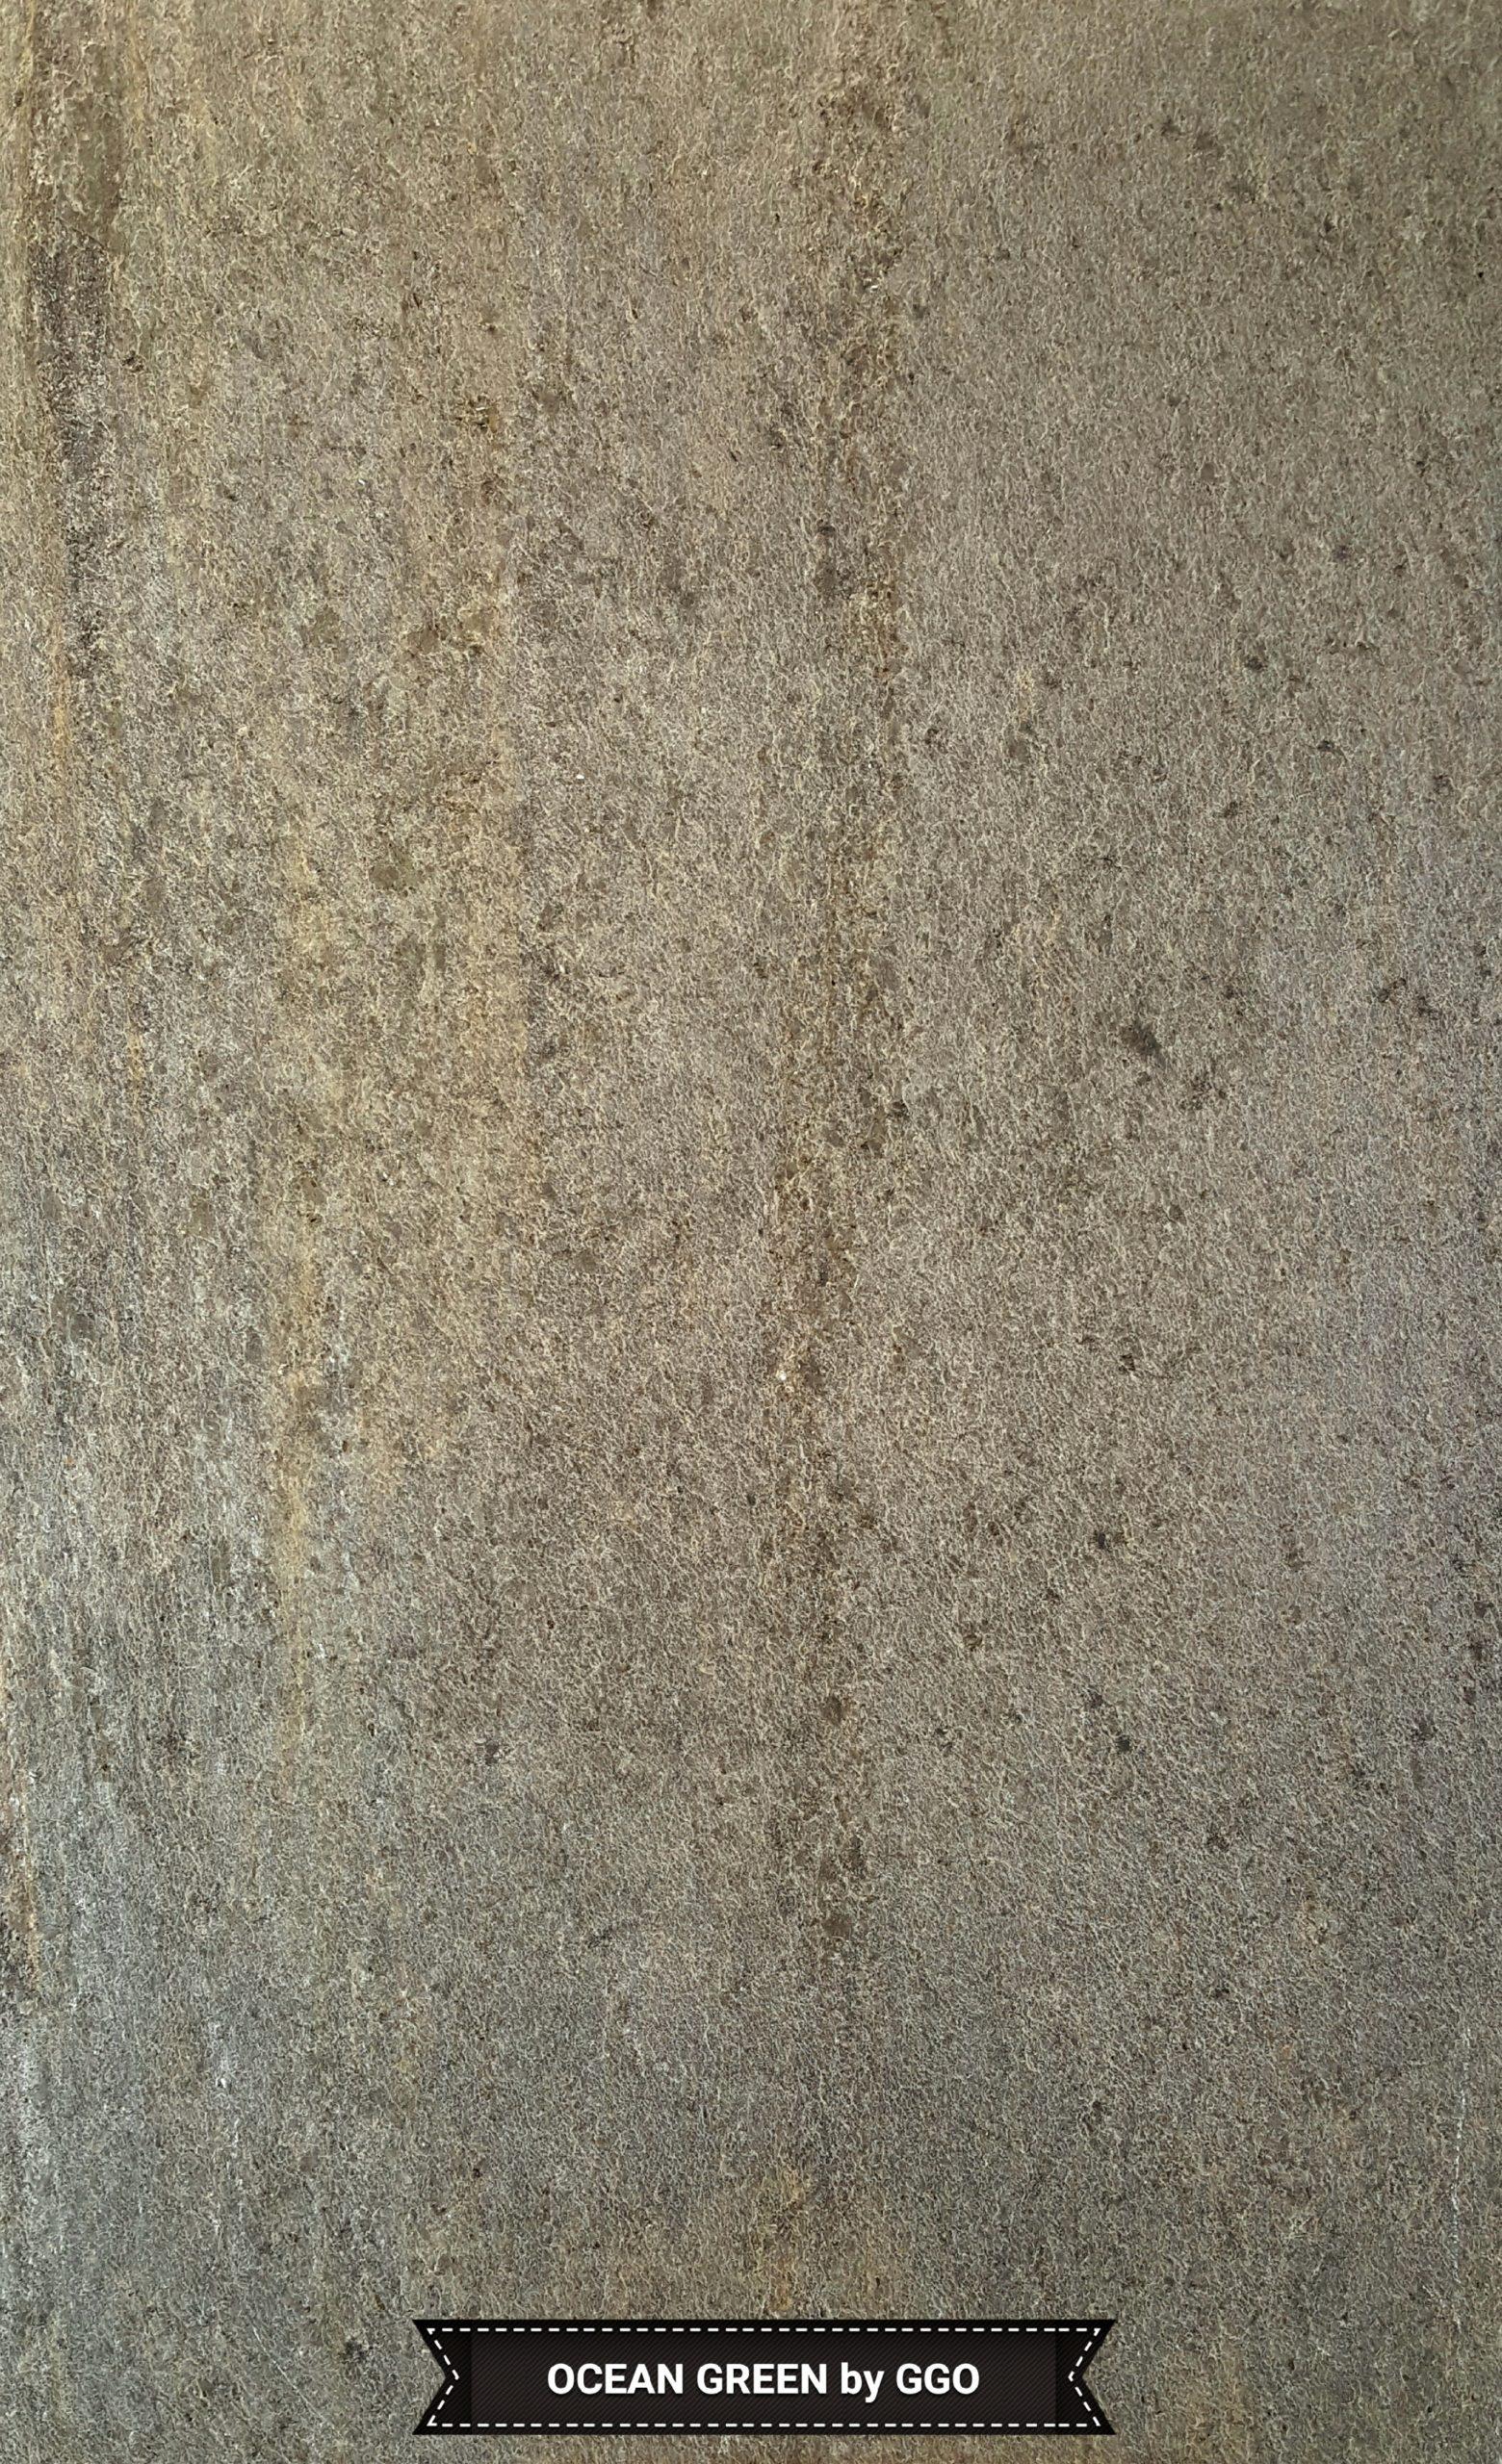 Feuille de pierre ocean green